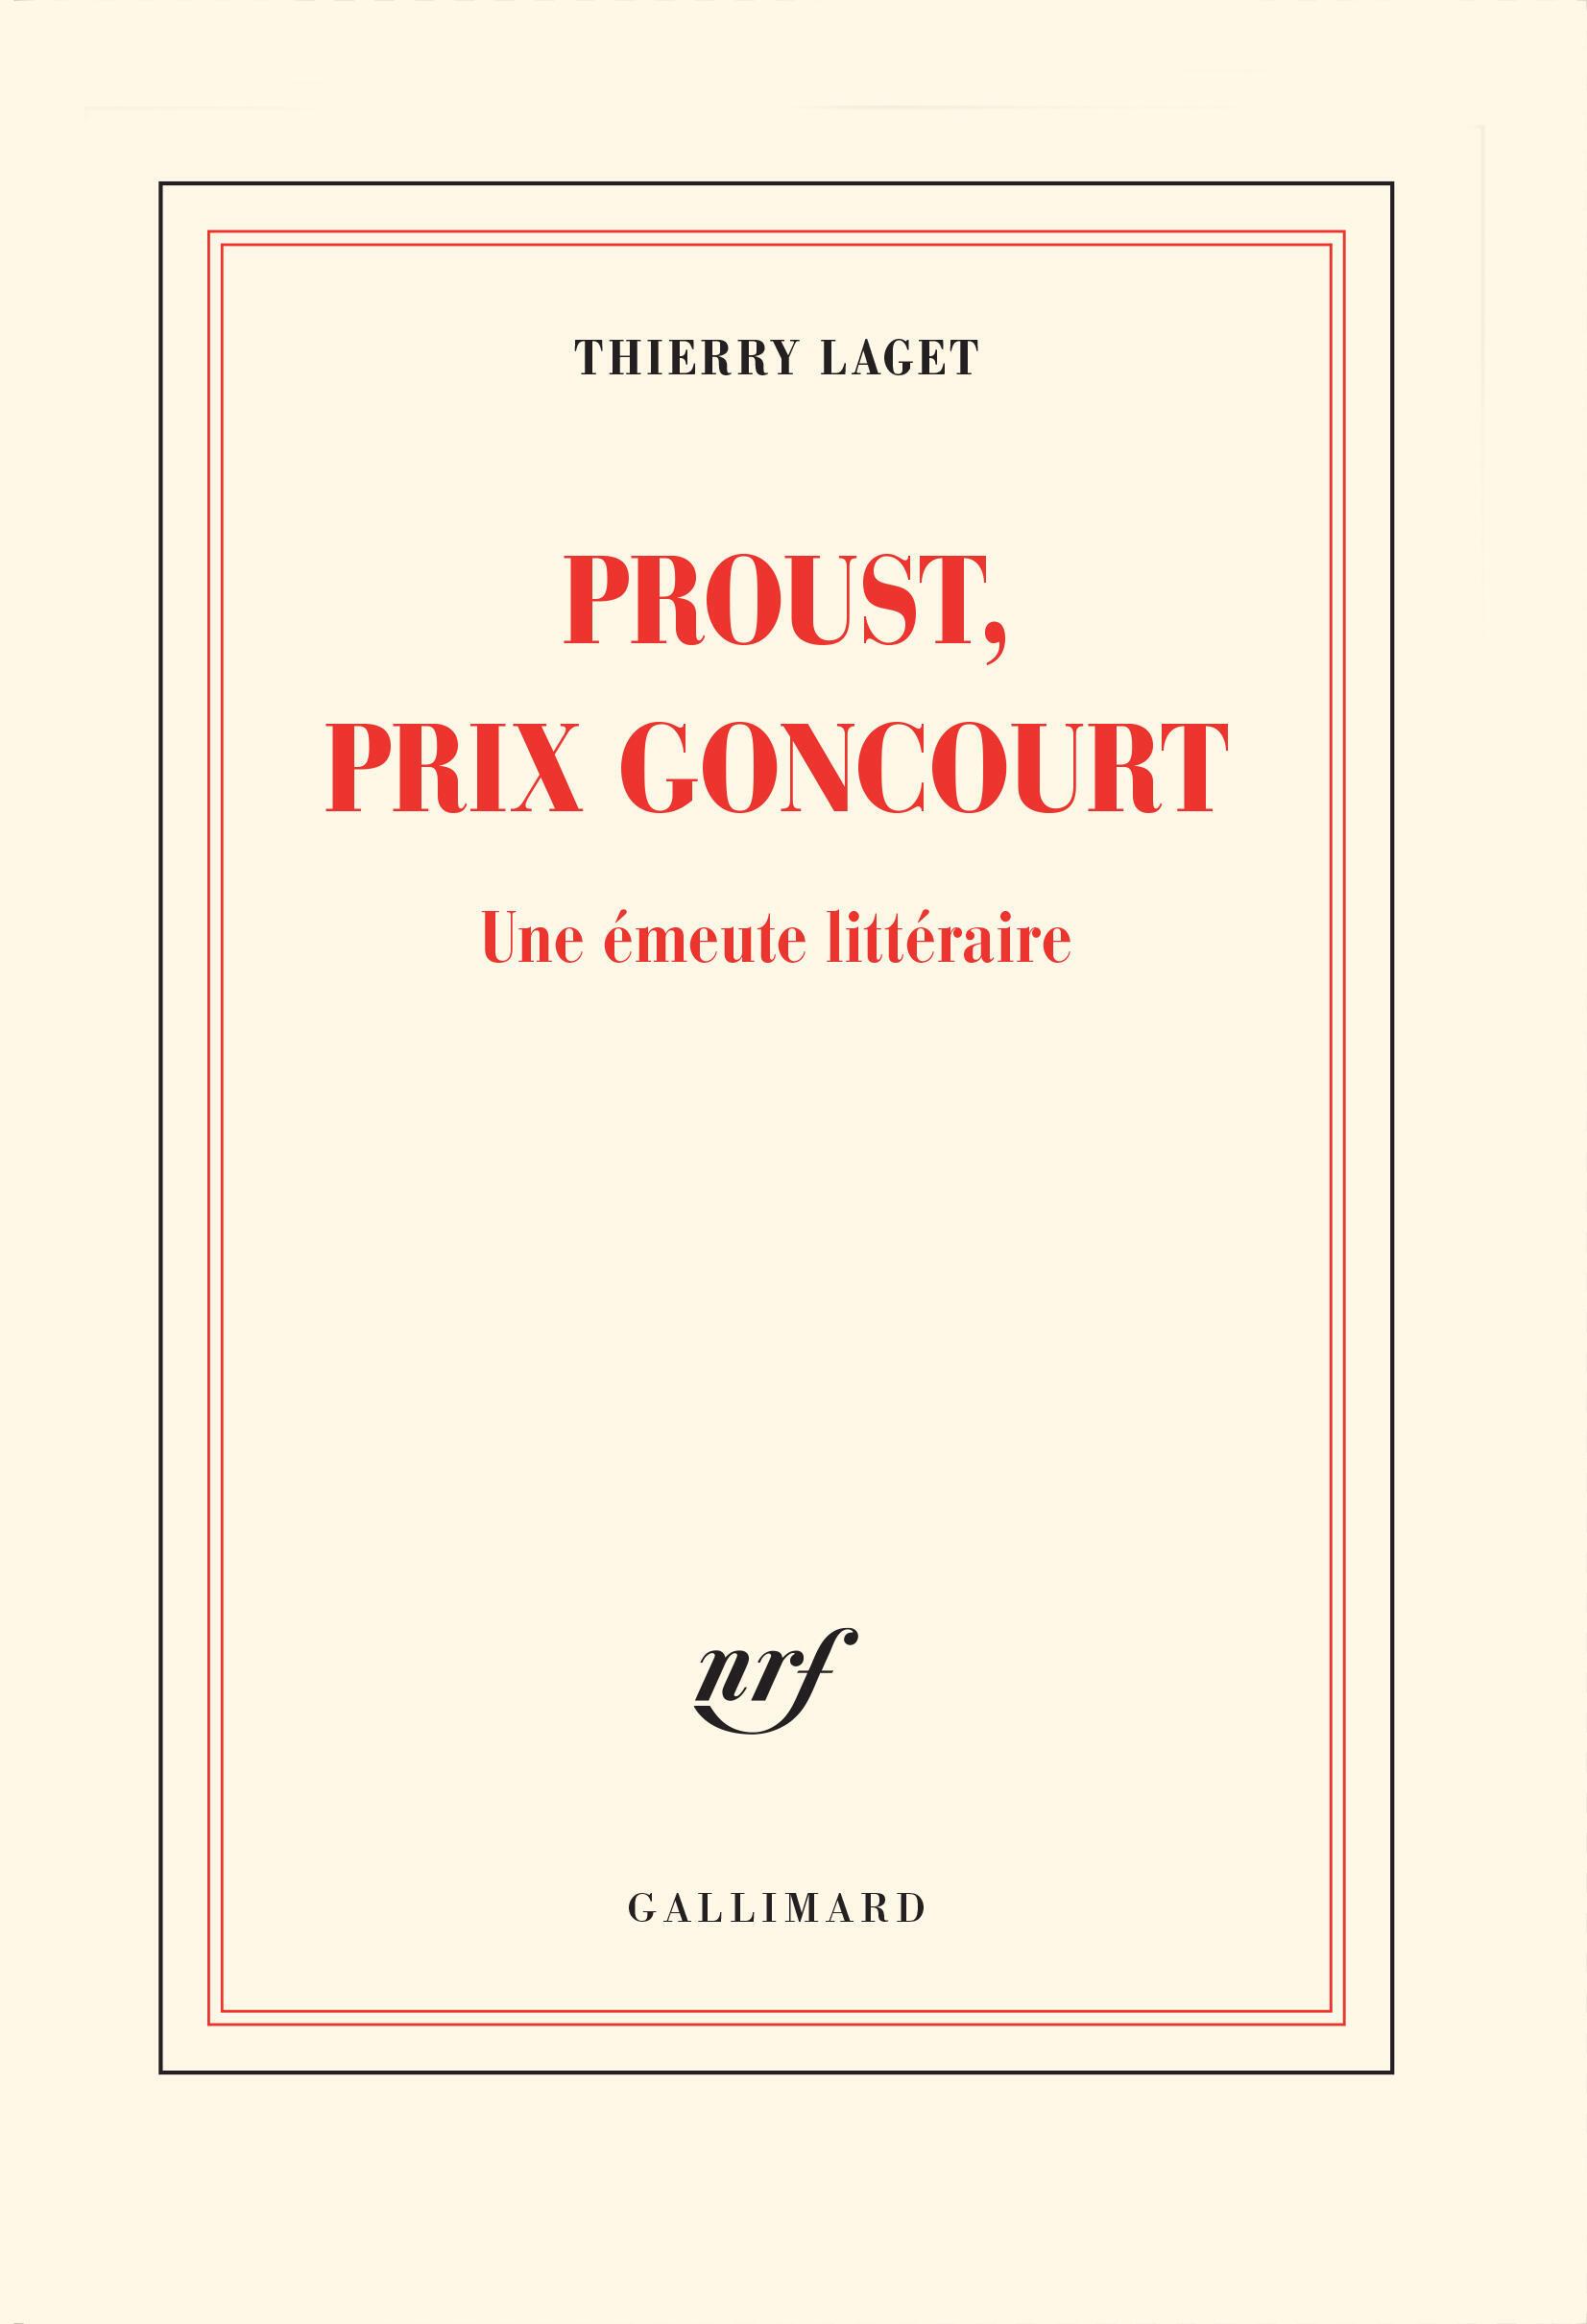 Couverture de l'essai de Thierry Laget